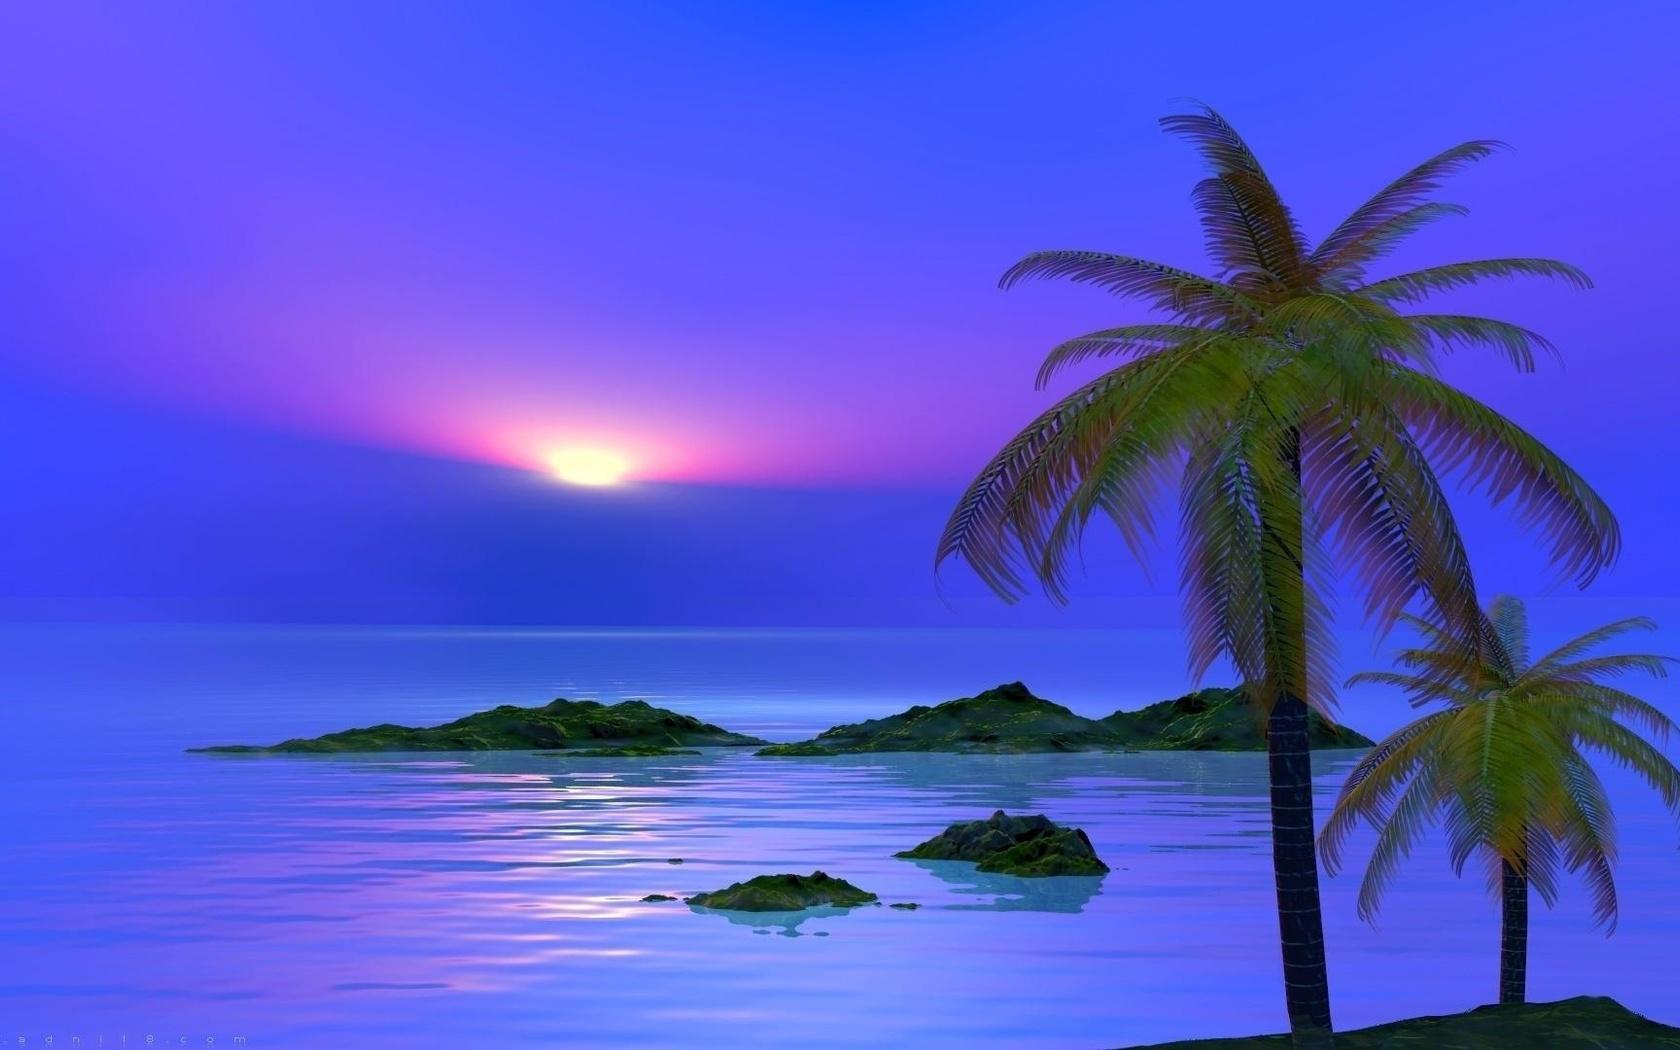 Красивые картинки море и пальмы на рабочий стол